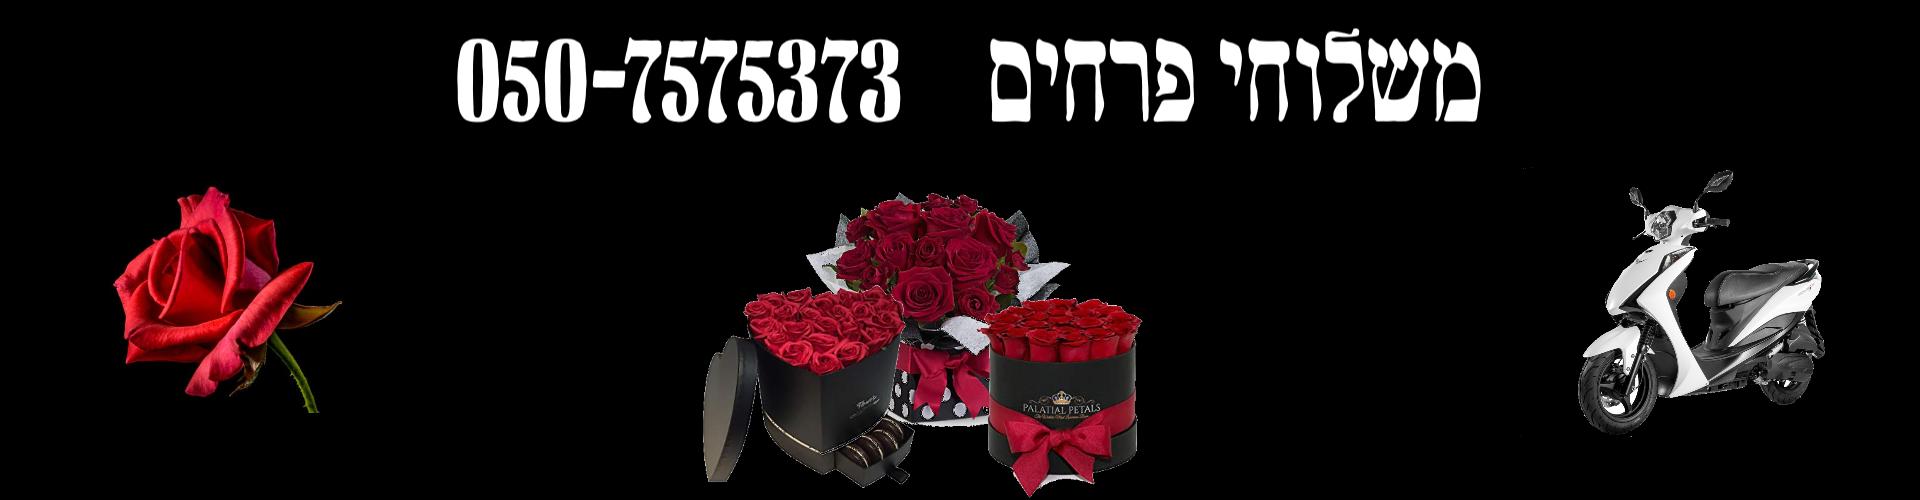 משלוחי פרחים נהריה